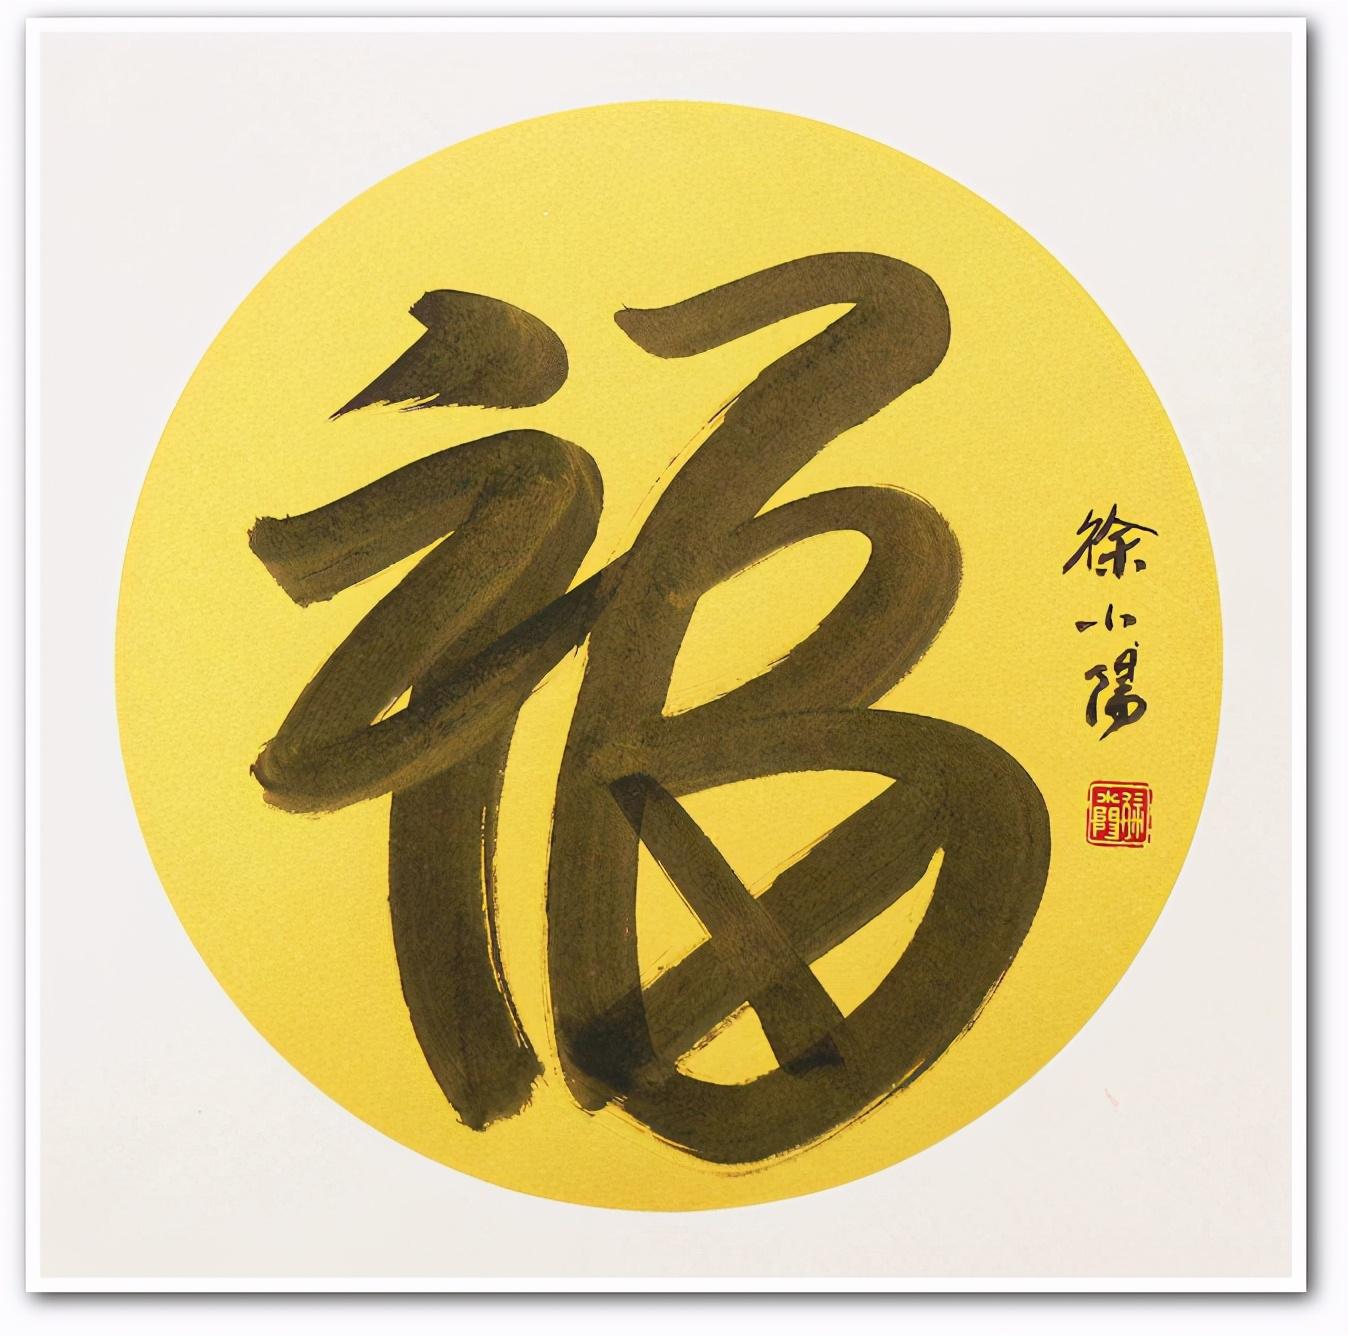 文脉的传承——徐悲鸿先生长孙·徐小阳